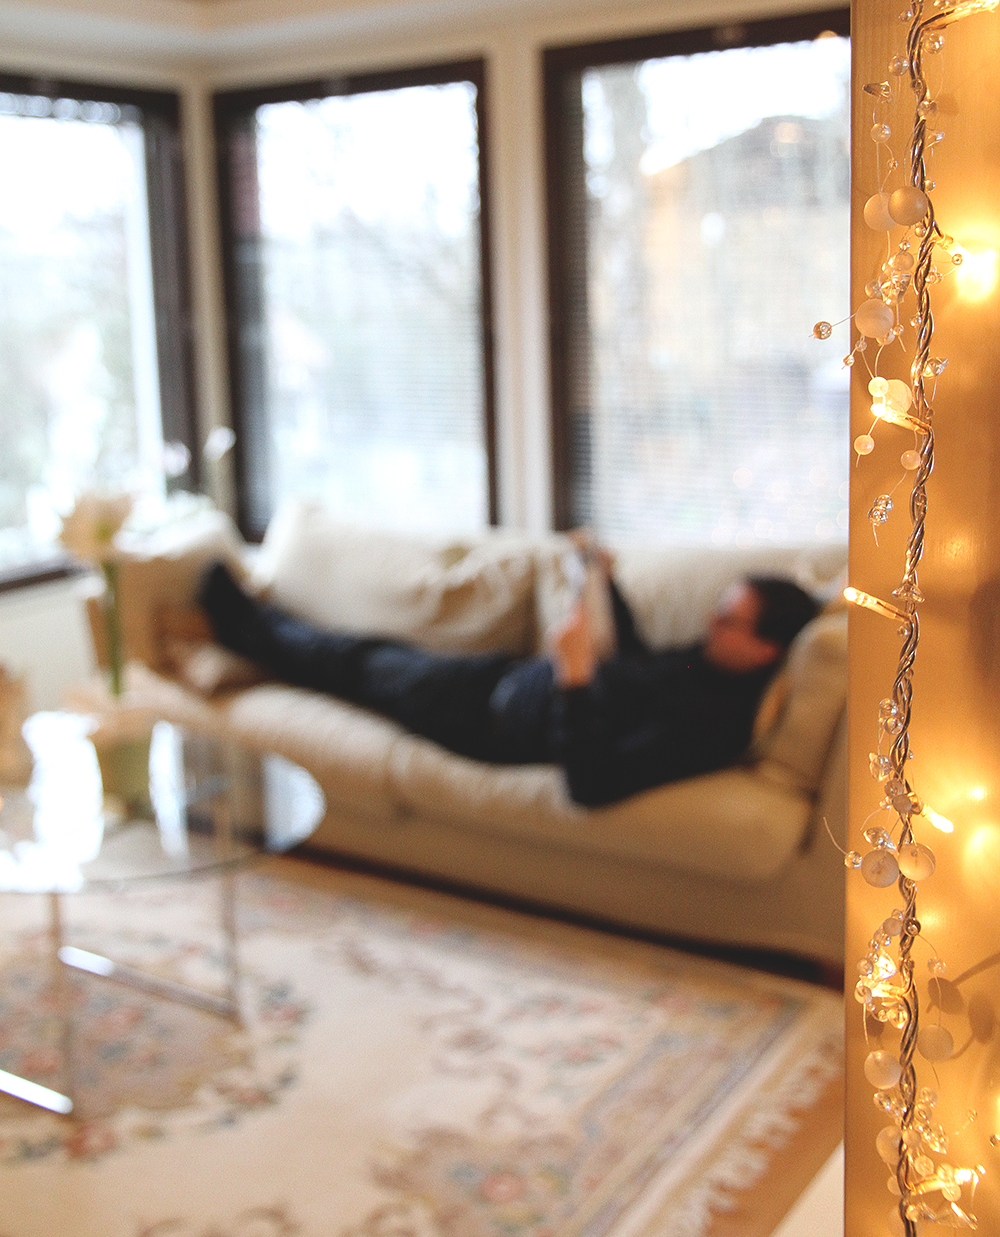 kapa sohvalla hunajaista